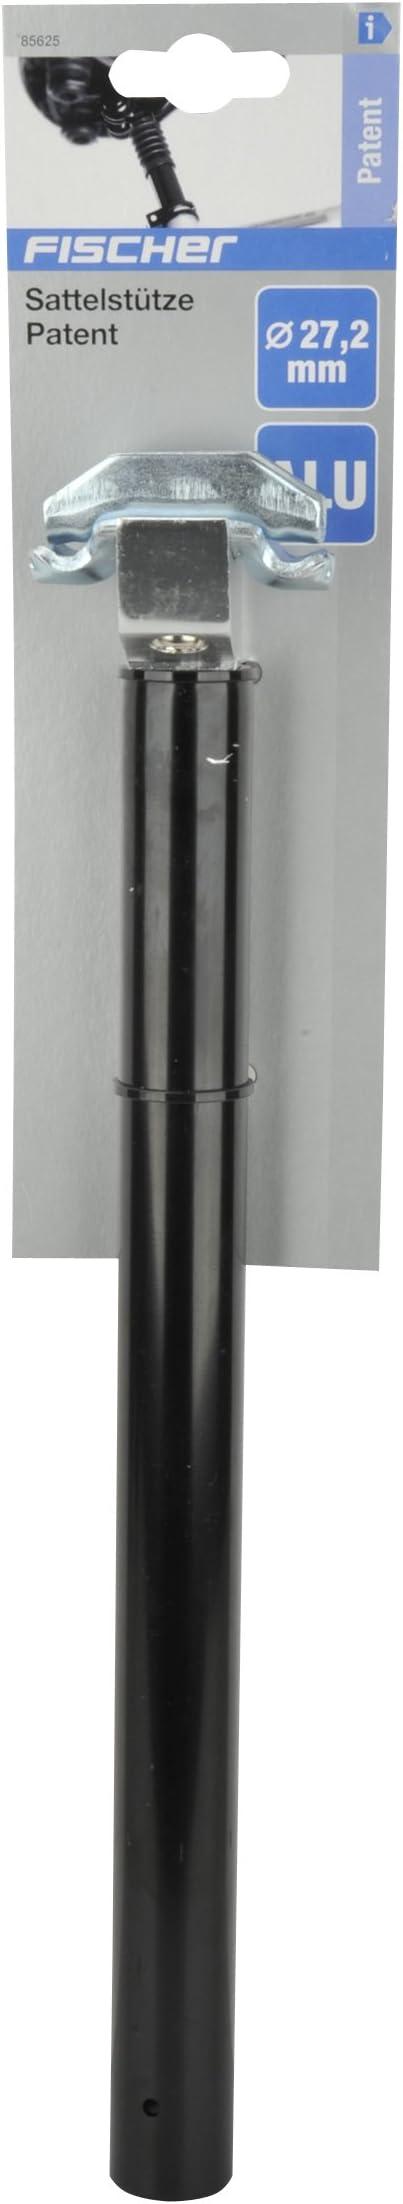 Alu Fischer Sattelst/ütze Patent Durchmesser 27,5 mm